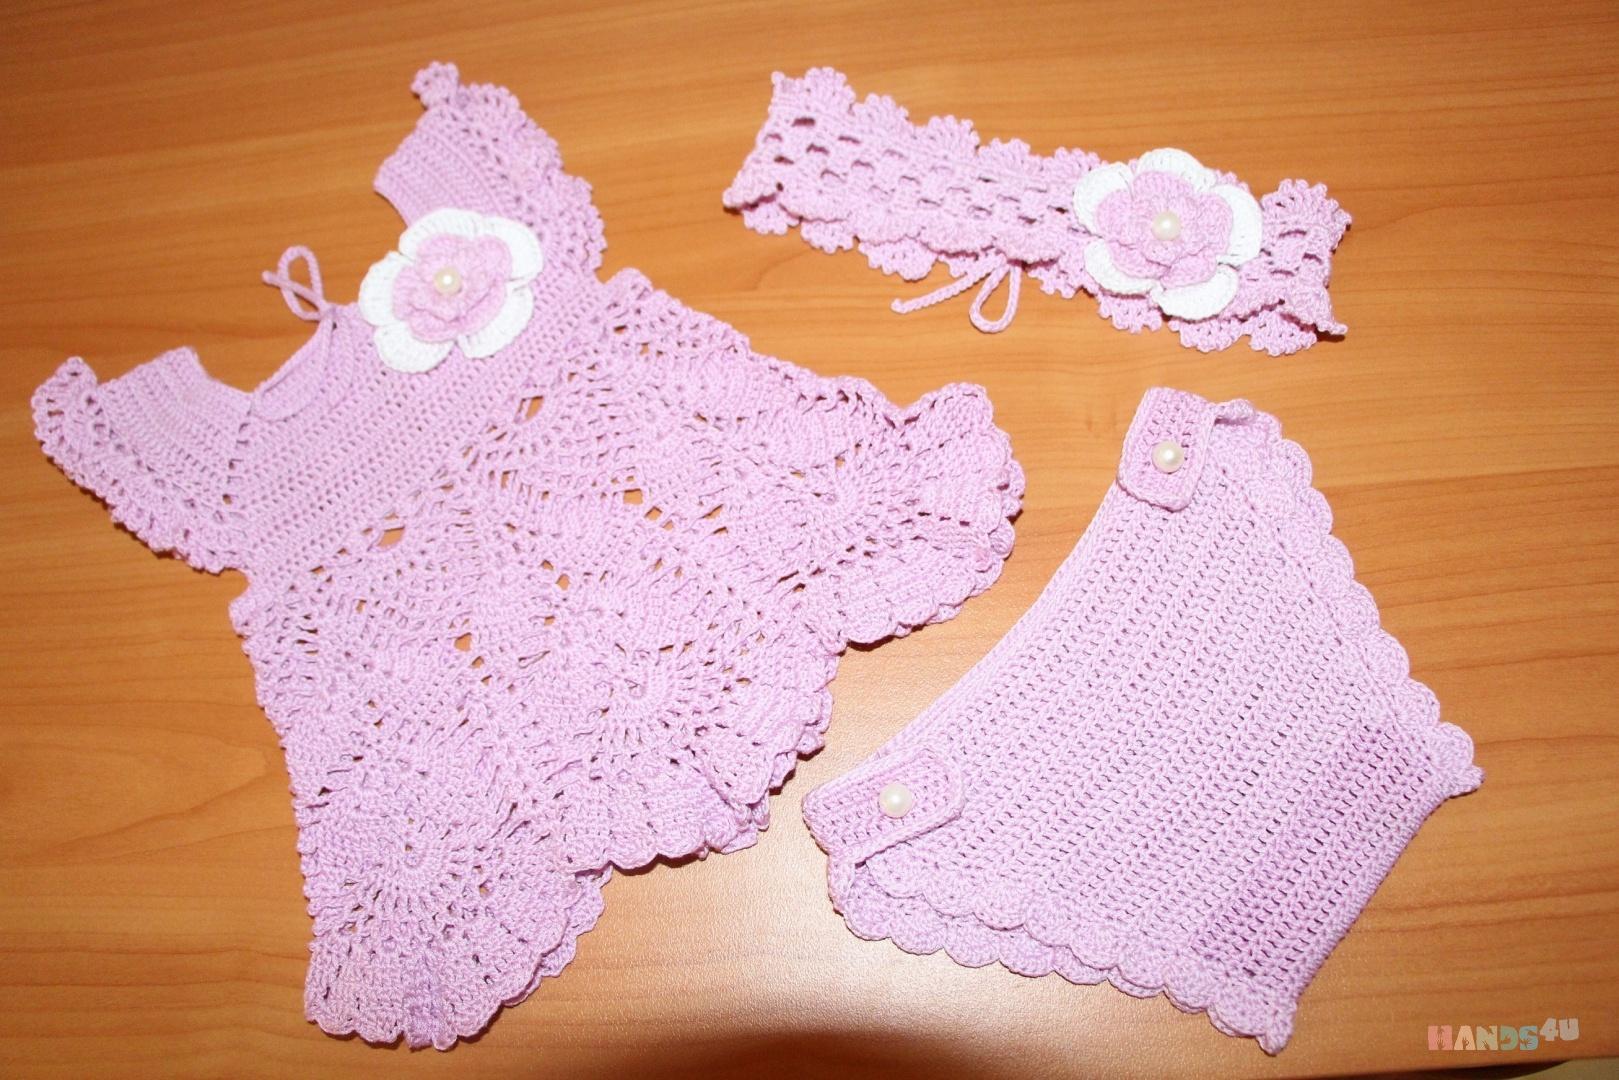 Вязание крючком для новорожденного пошагово